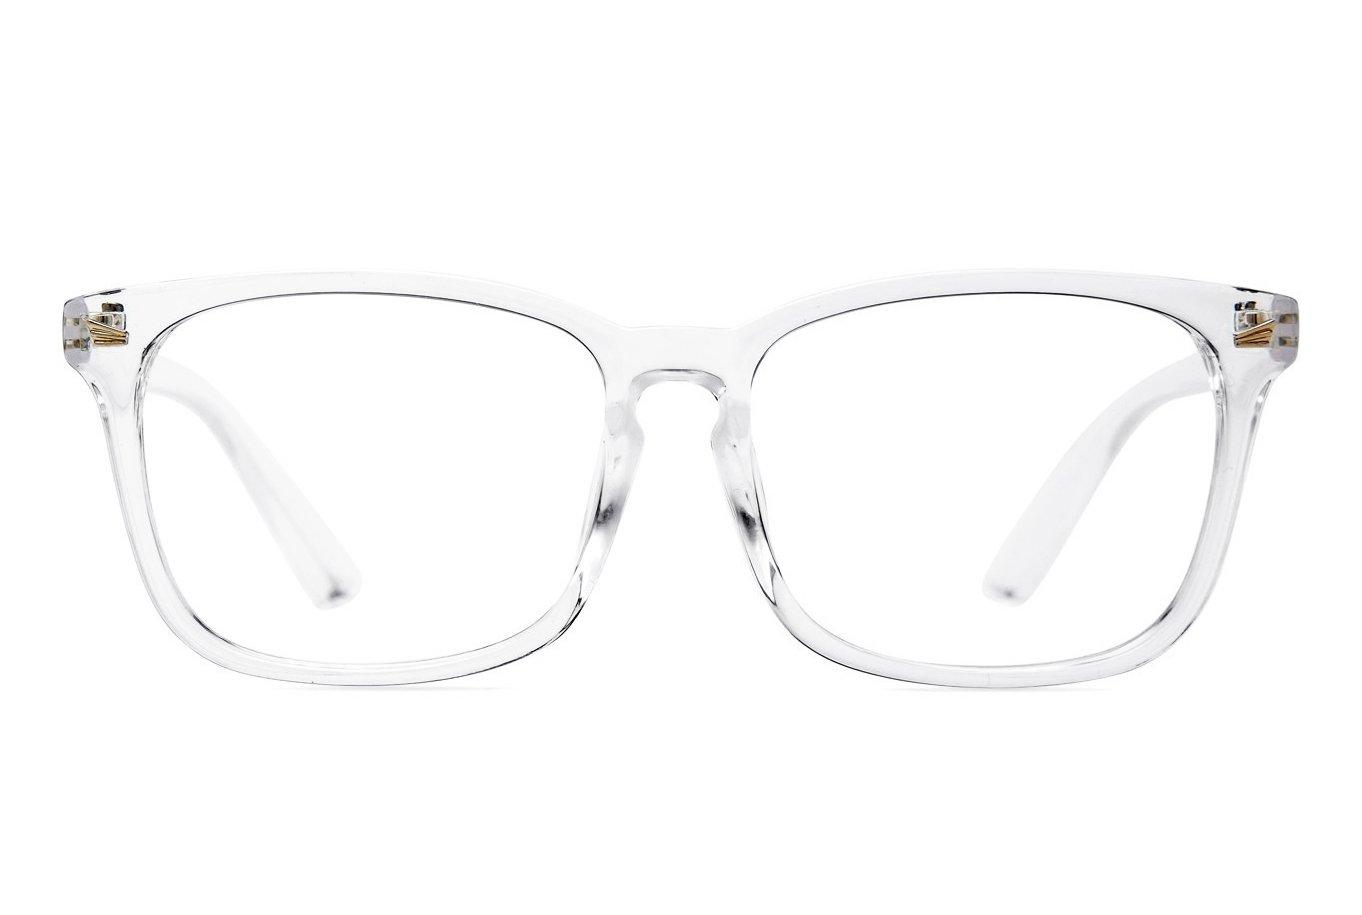 Agstum Wayfarer Plain Glasses Frame Eyeglasses Clear Lens (Transparent, 53)